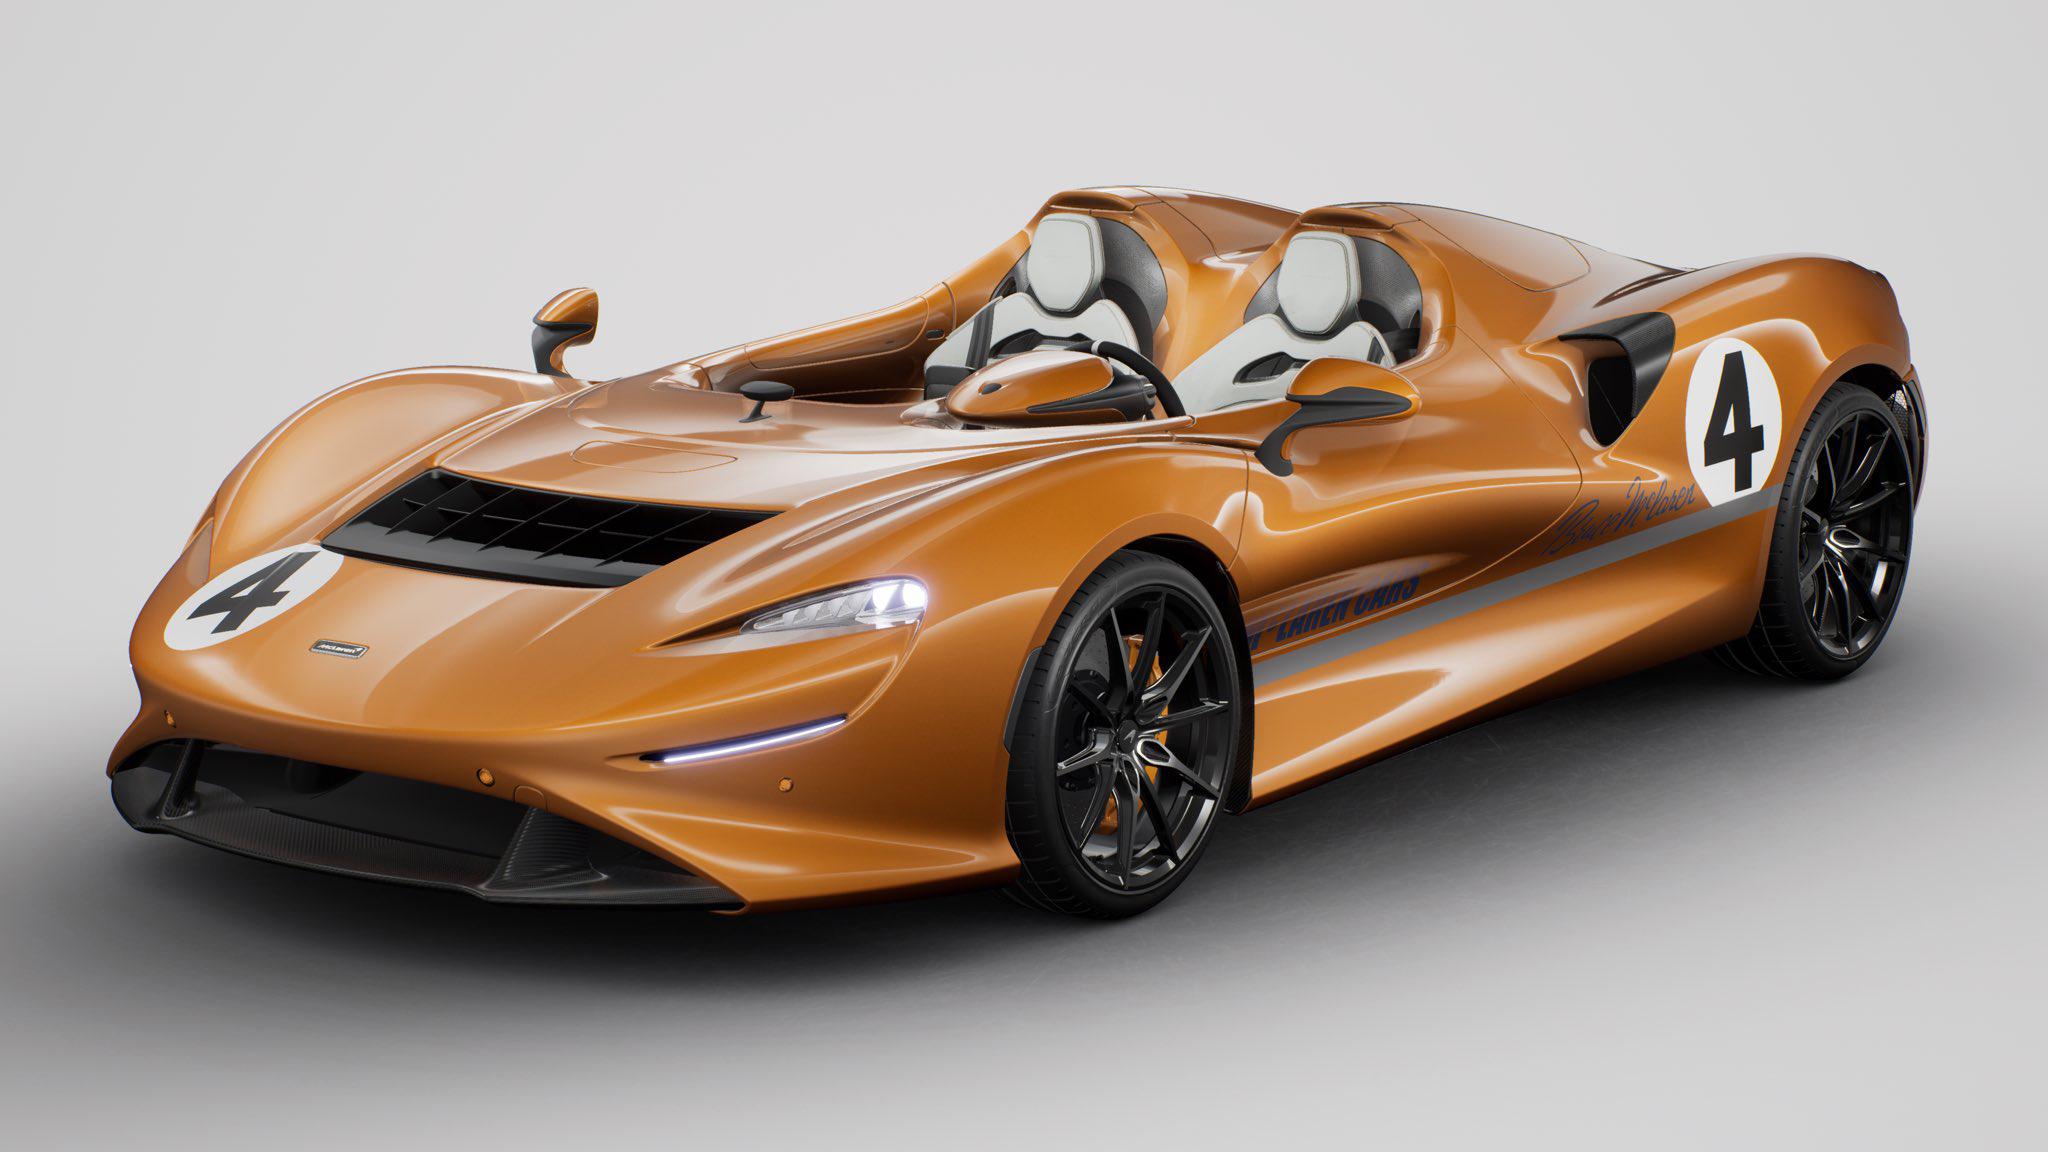 IL MOTORE DELLA MCLAREN ELVA Il motore della McLaren Elva è una versione da 804 CV del V8 biturbo da 4,0 litri V8 twin-turbo usato dalla 720S e dalla Senna. Sulla Elva questa powertrain produce più potenza e ha molto meno peso da spostare. La McLaren Elva scatta da 0 a 100 km/h in meno di 3 secondi e arriva a 200 km/h in 6,7 secondi.